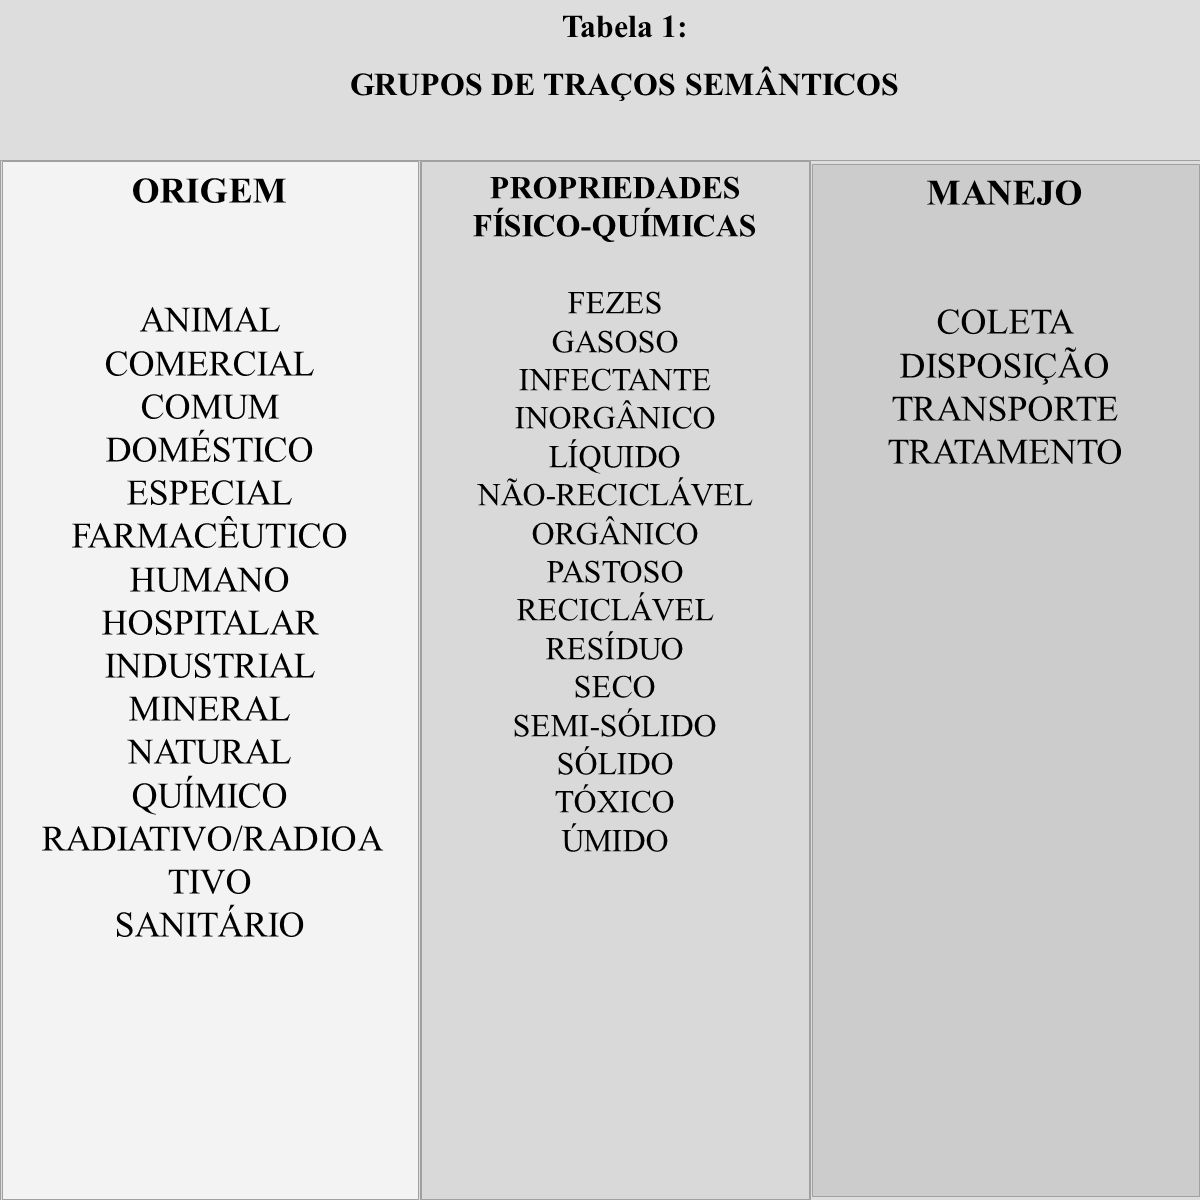 GRUPOS DE TRAÇOS SEMÂNTICOS